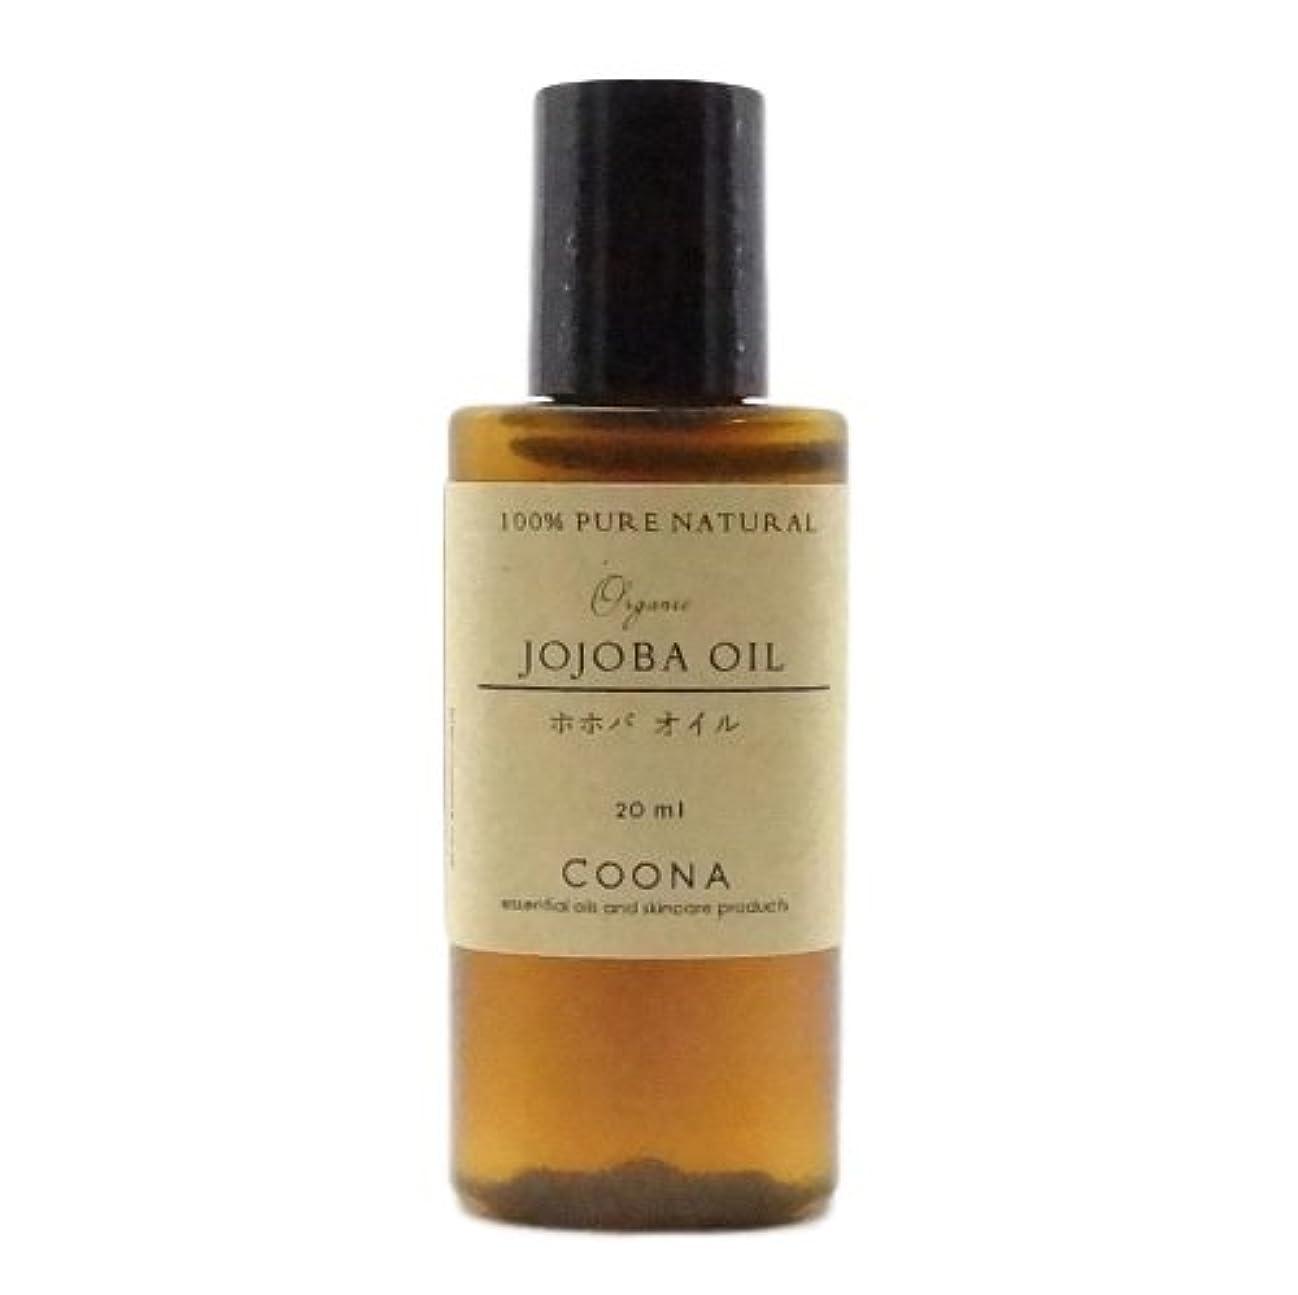 ミス信者ヘビーホホバオイル 20 ml (COONA キャリアオイル ベースオイル 100%ピュア ナチュラル 天然植物油)